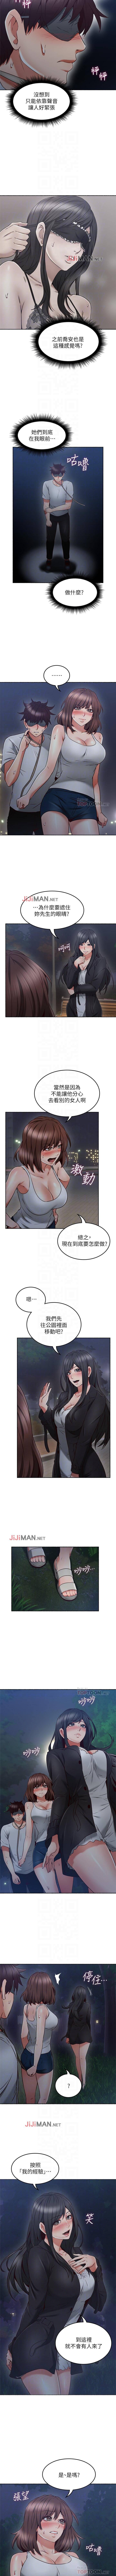 【周六更新】邻居人妻(作者:李周元 & 頸枕) 第1~50话 308